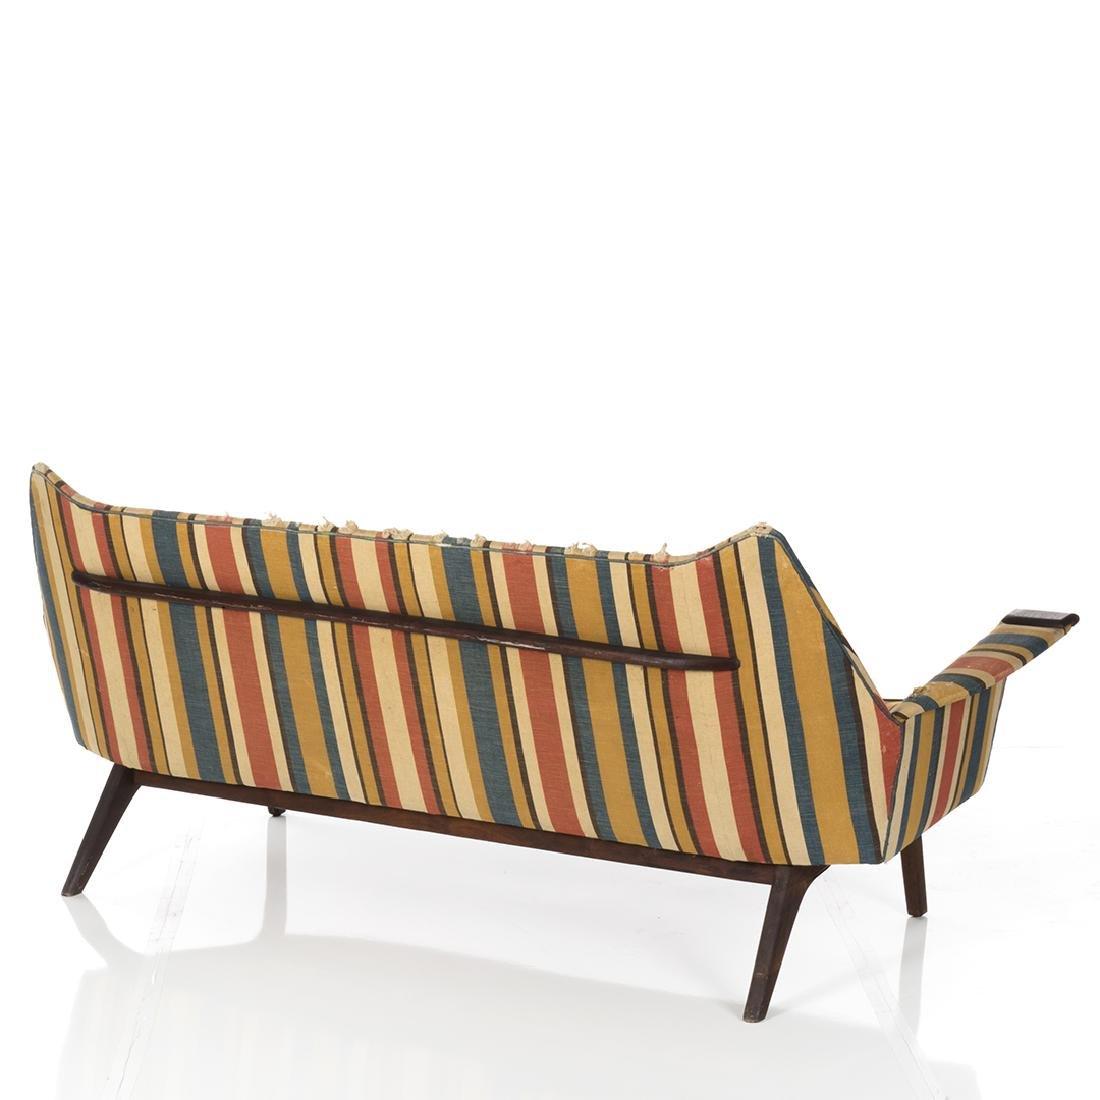 Danish Sculptural Sofa - 3